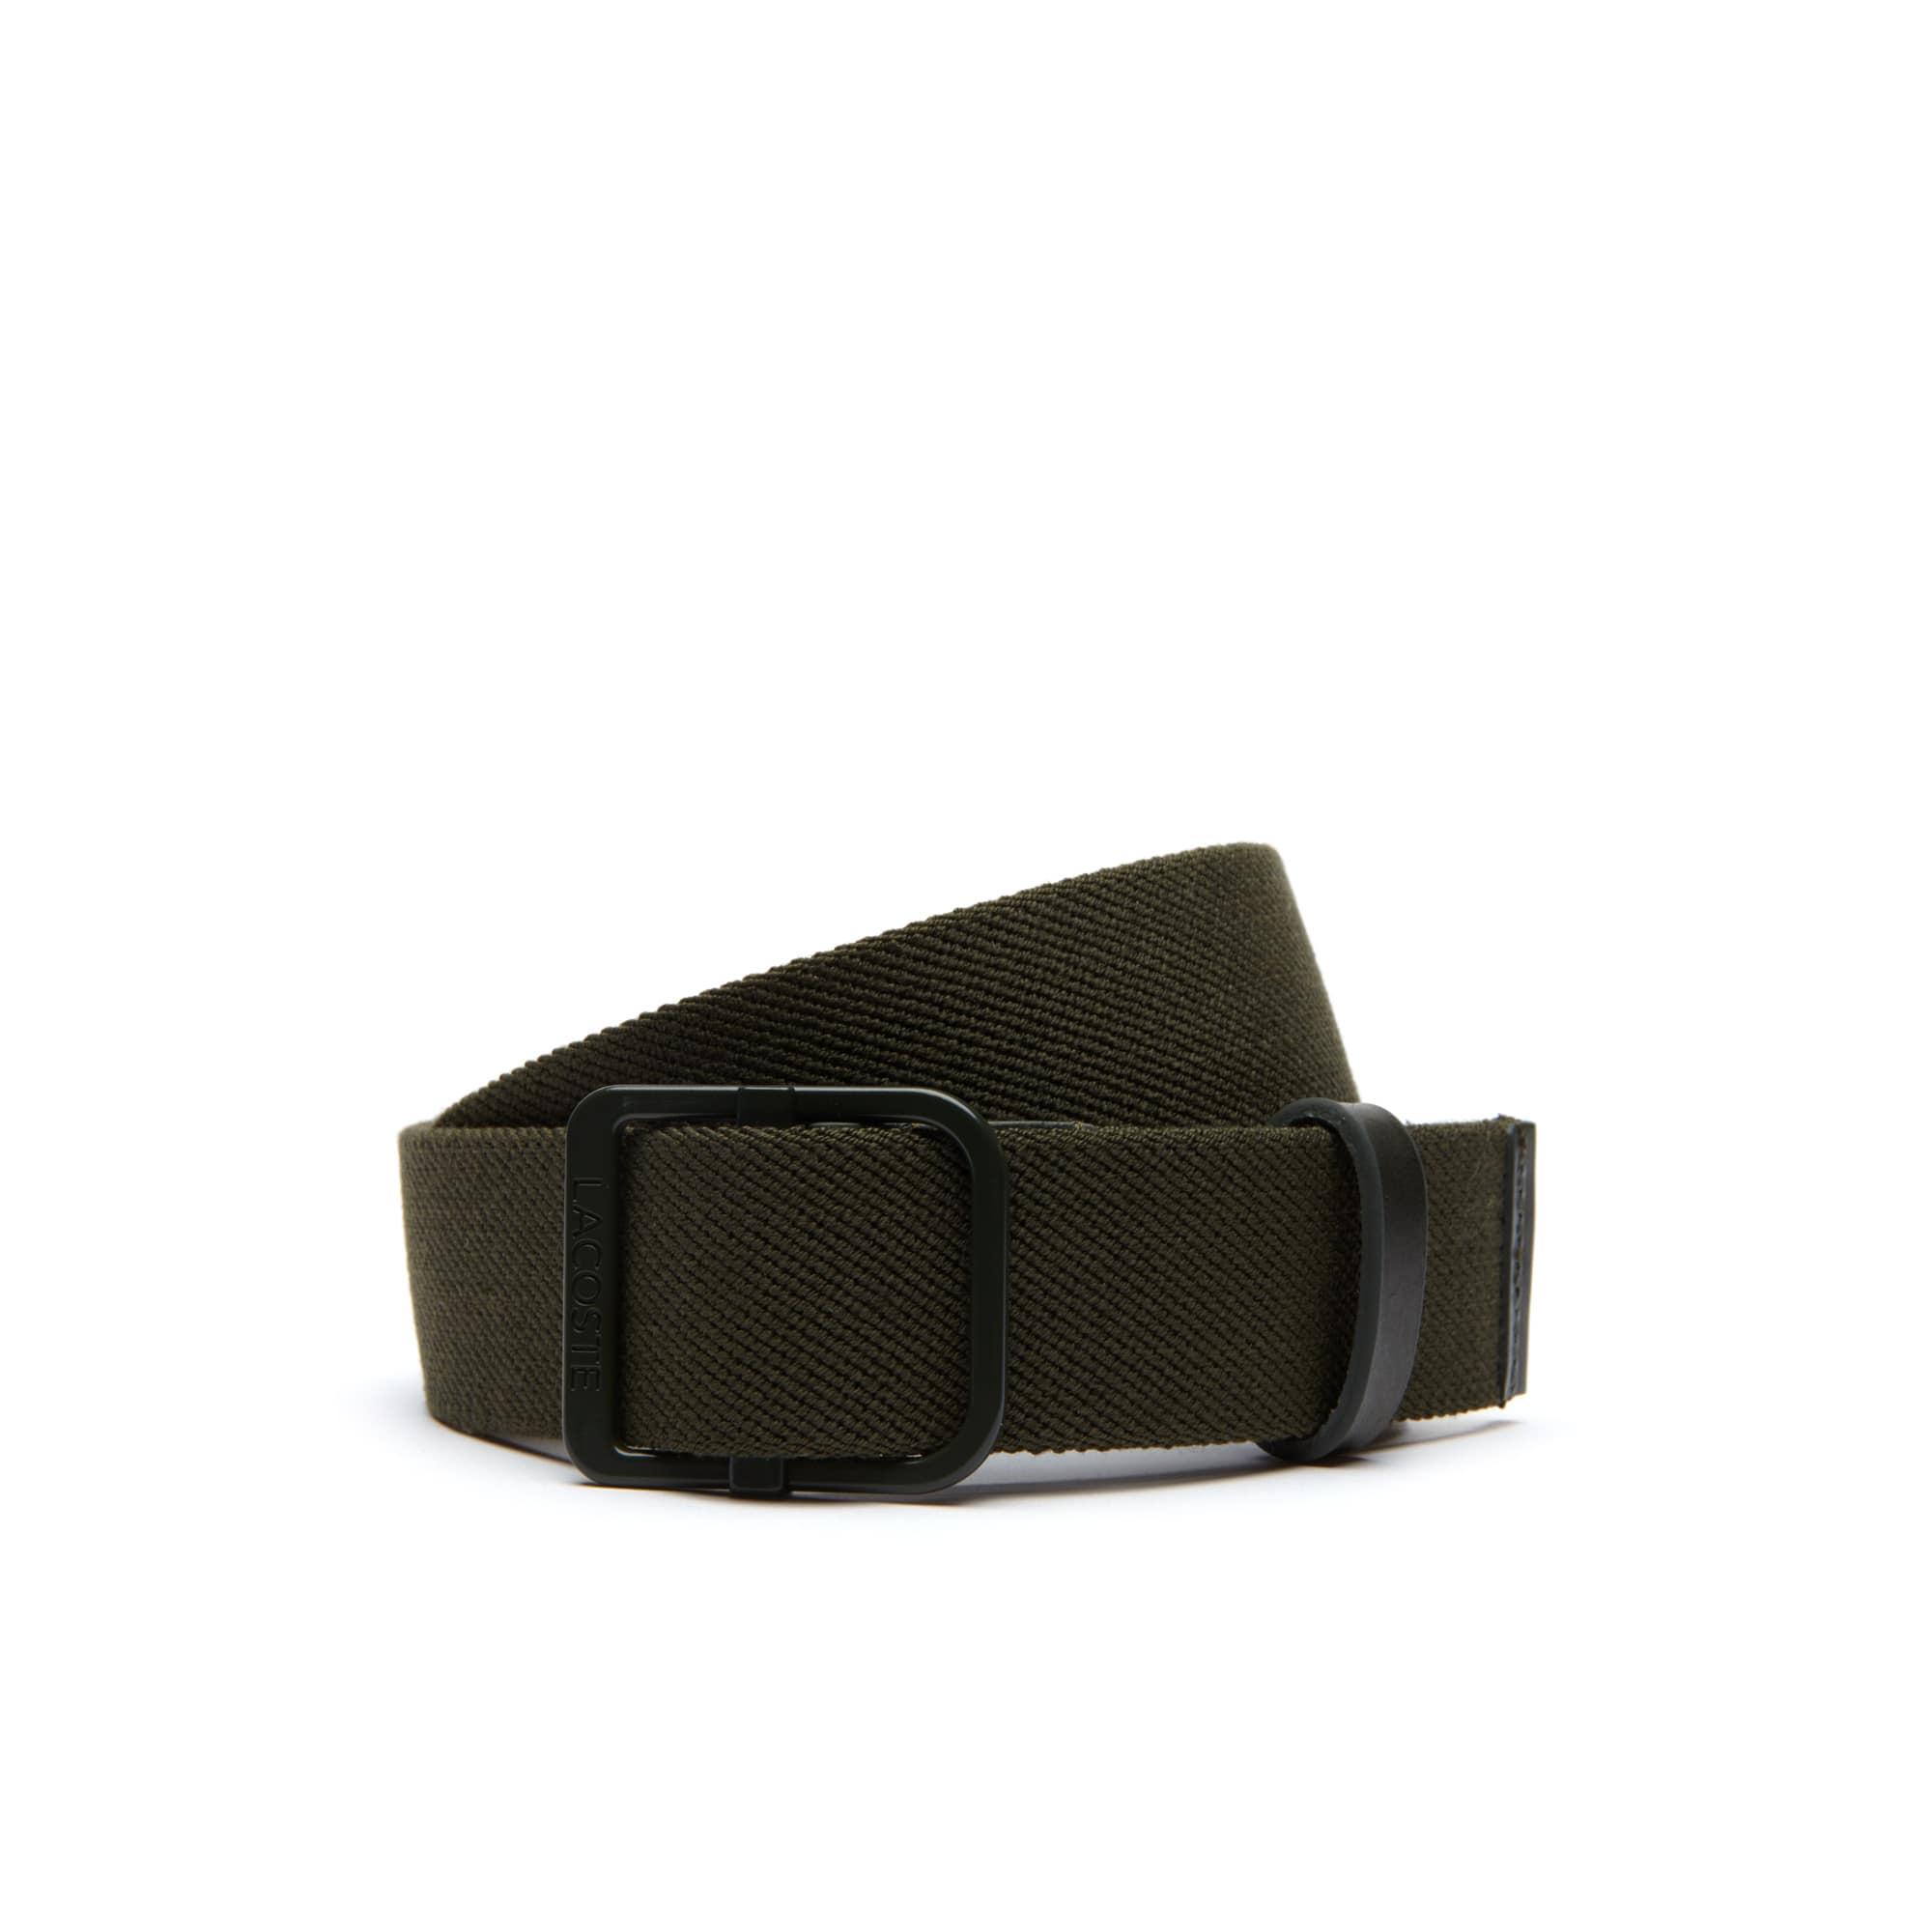 Cinturón De Hombre Lacoste Motion Tejido Y Extensible Con Cierre Slip-Fit